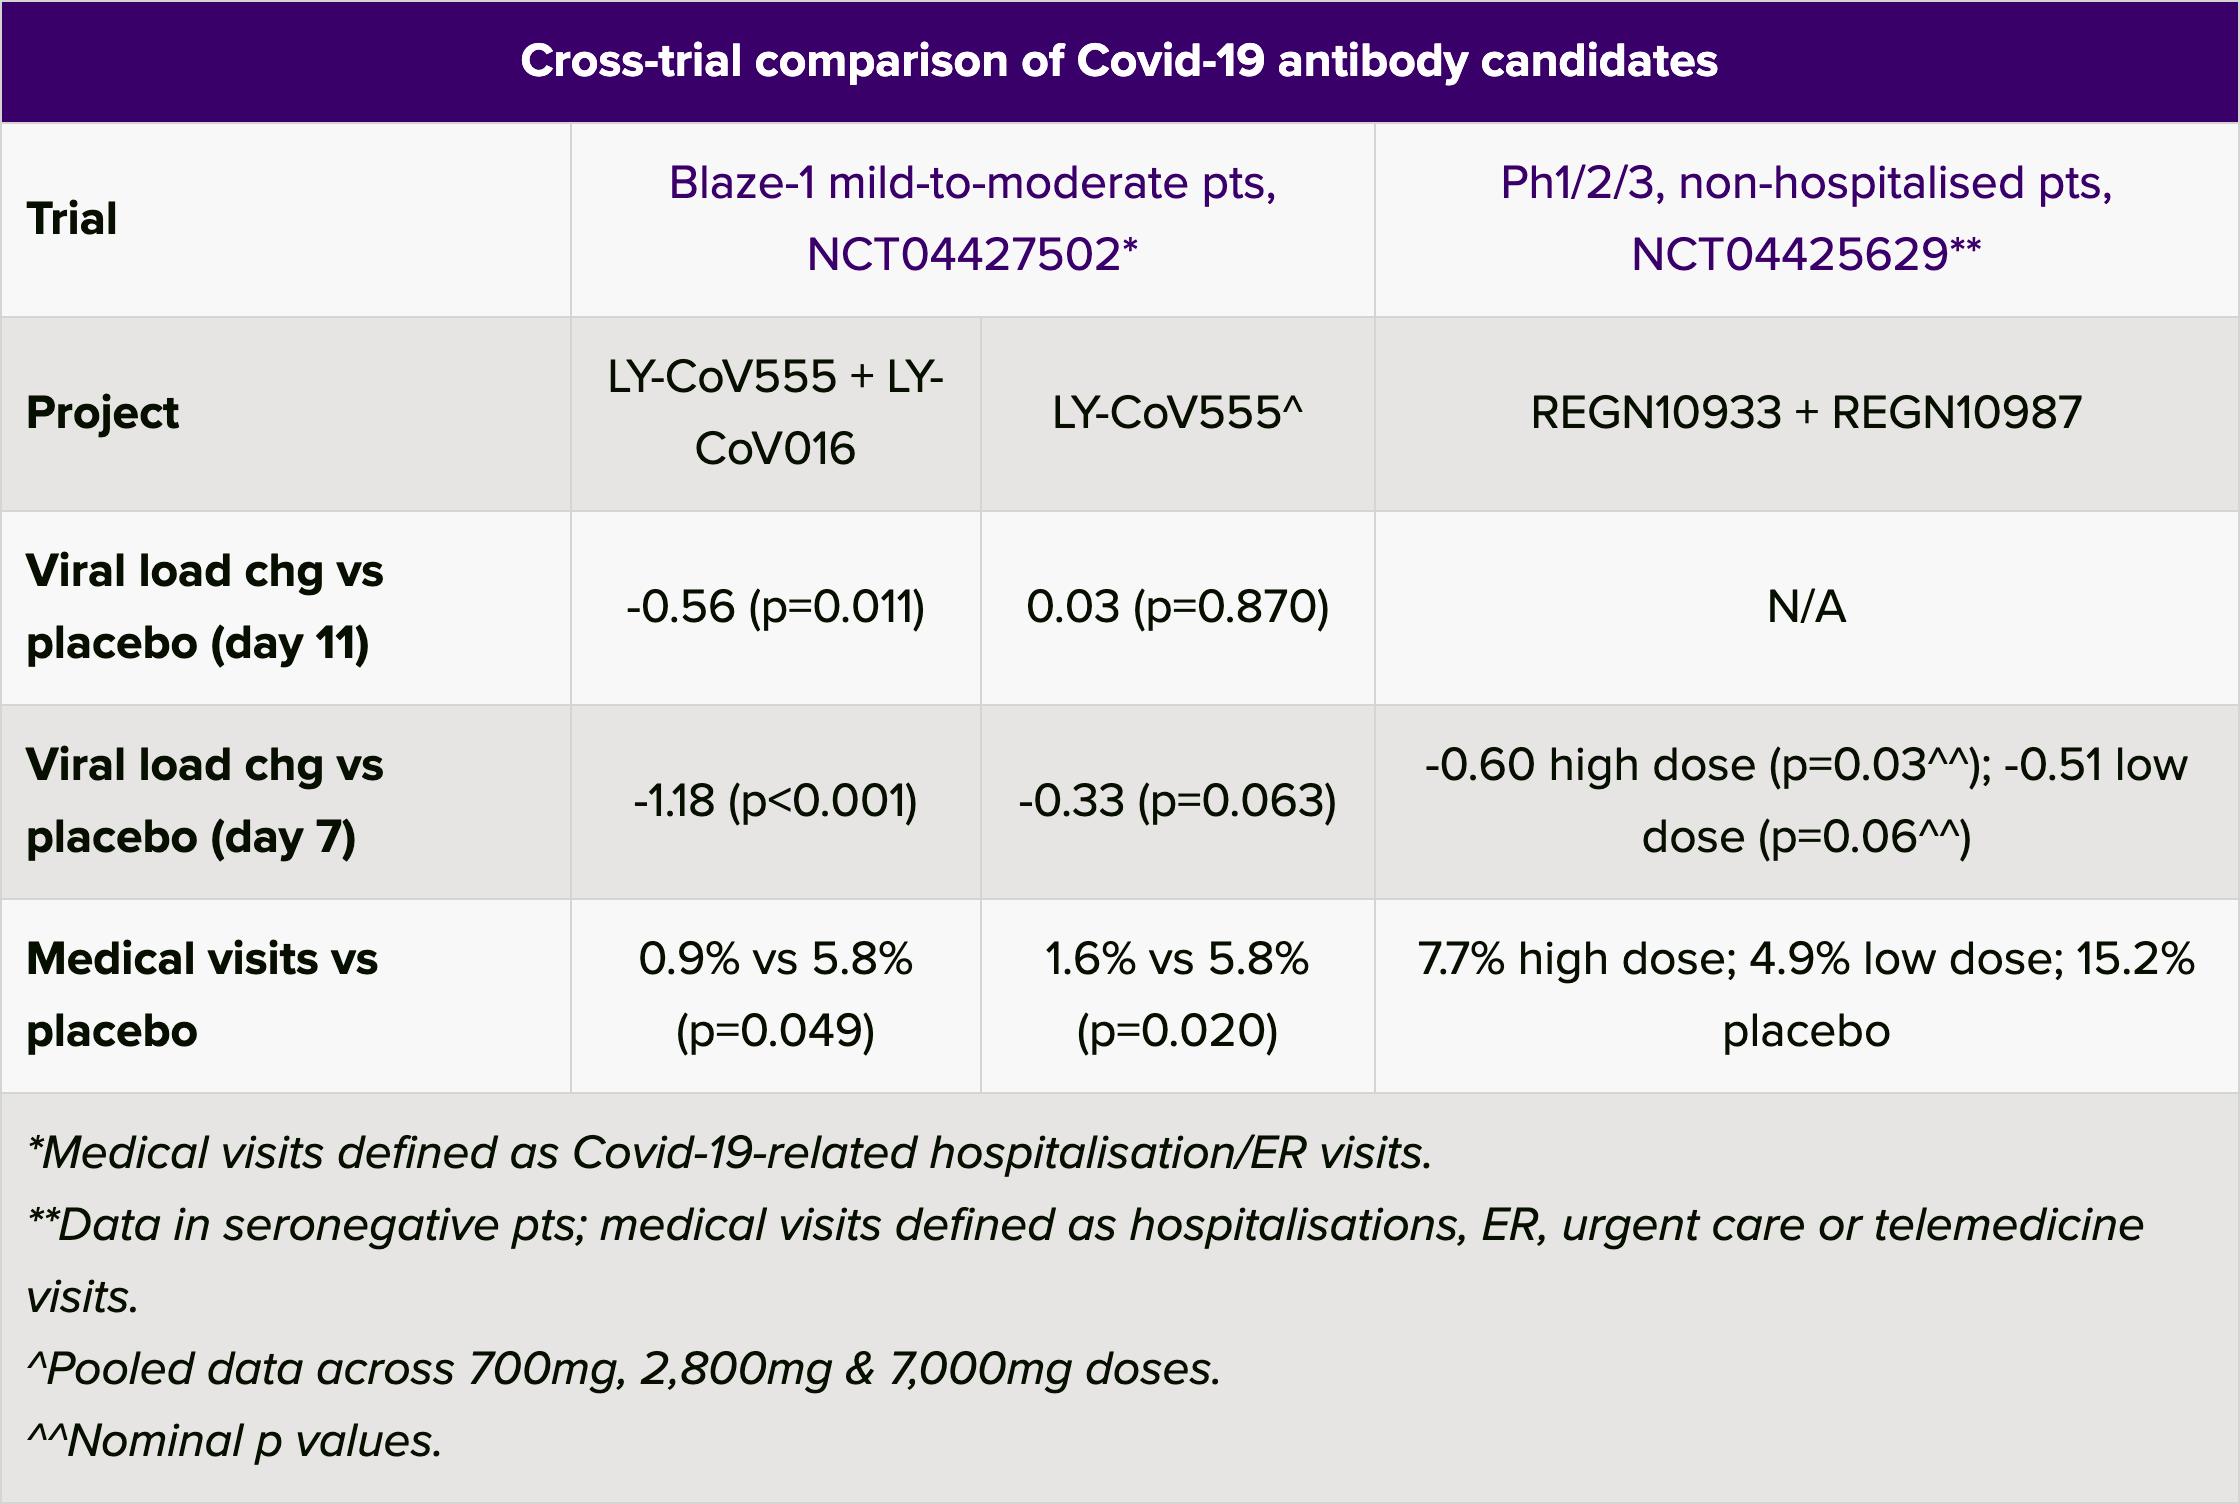 cross trial comparison of covid 19 antibody candidates - Лечение коронавируса. Бамланивимаб против ковида — лечение и профилактика